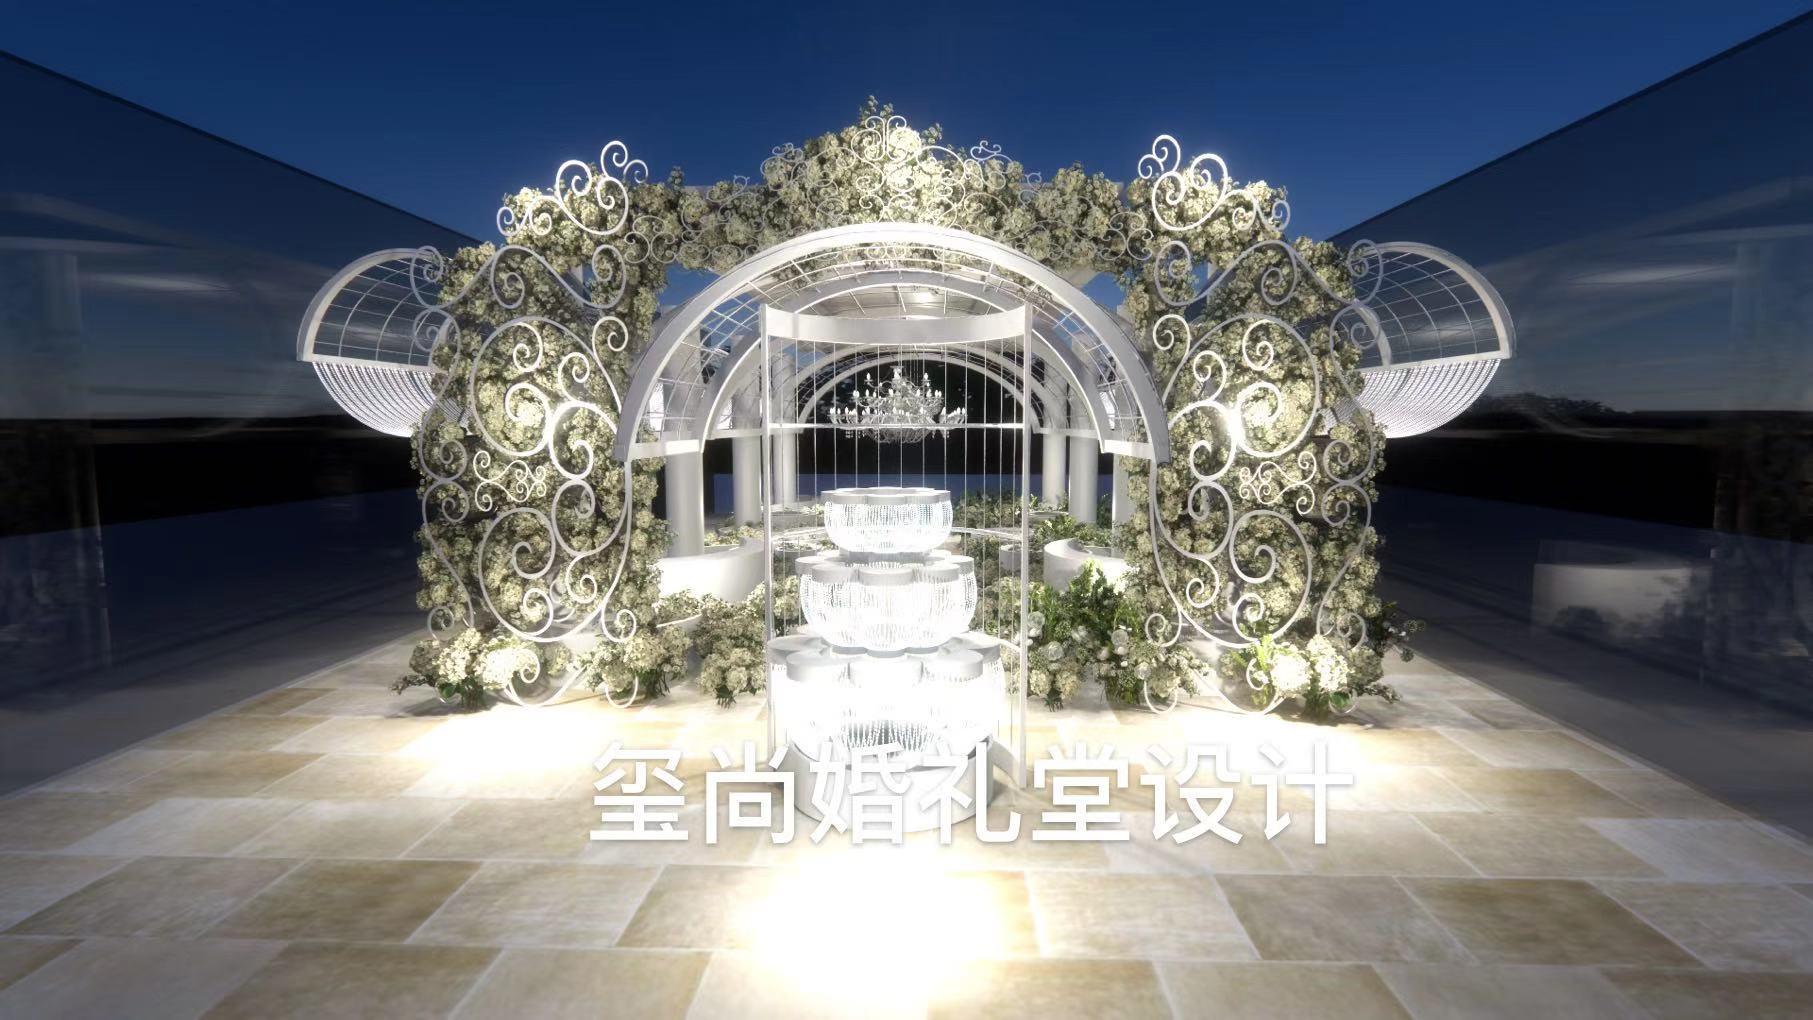 南京河西美居酒店婚礼堂改造